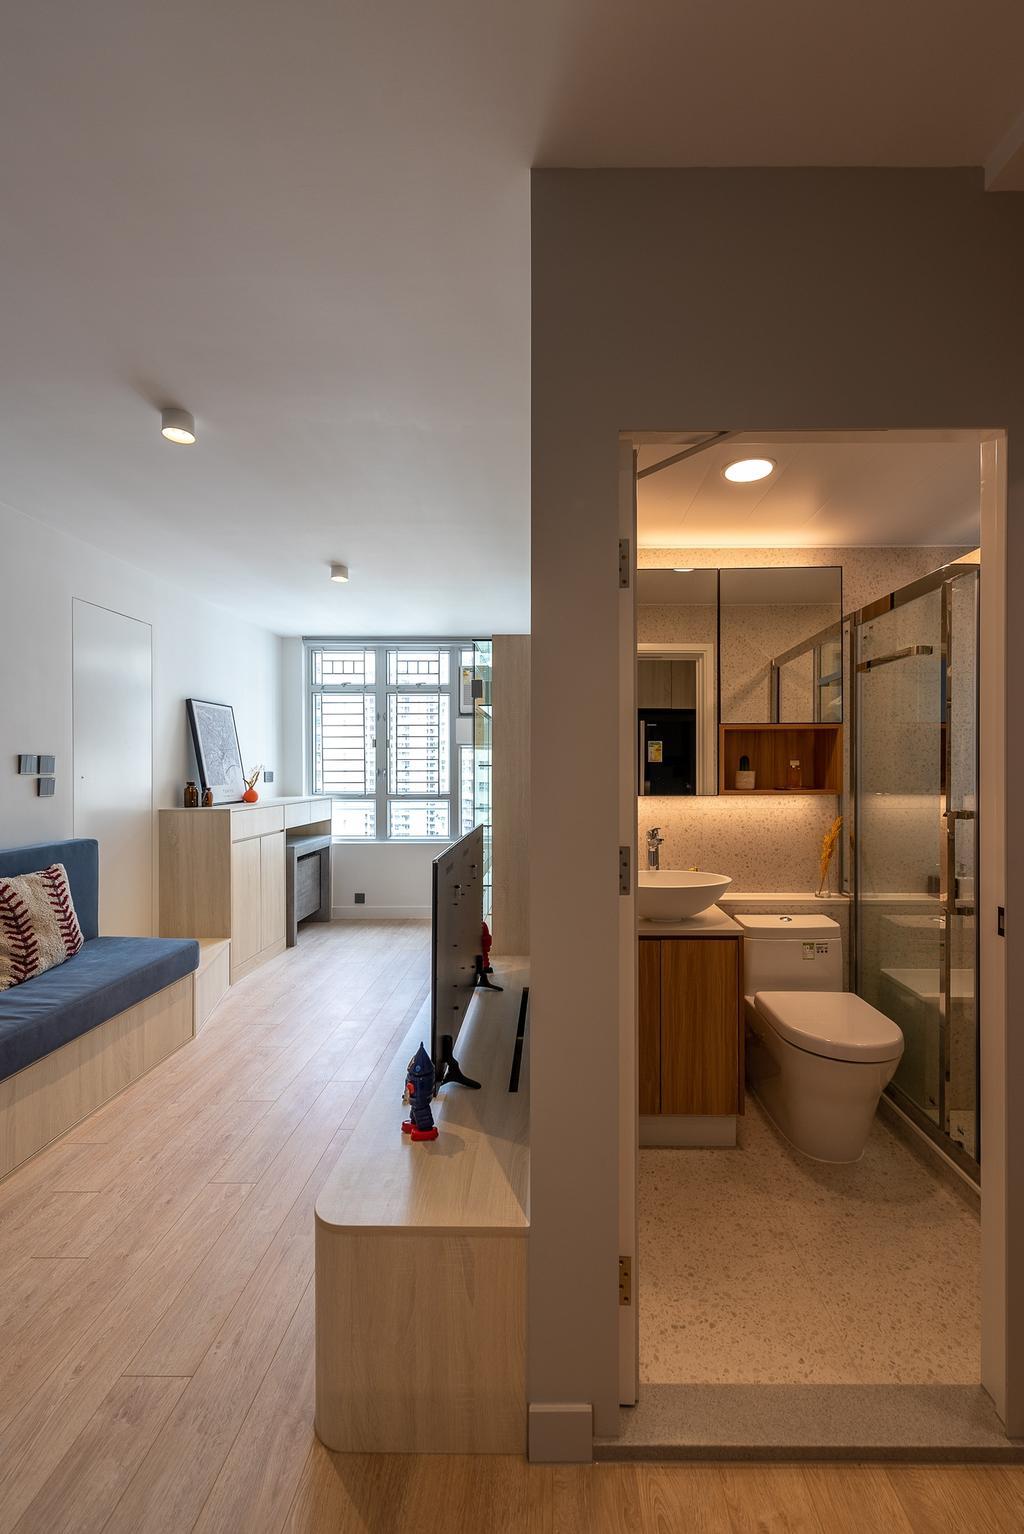 簡約, 公屋/居屋, 客廳, 冠德苑, 室內設計師, Deco Farmer Studio